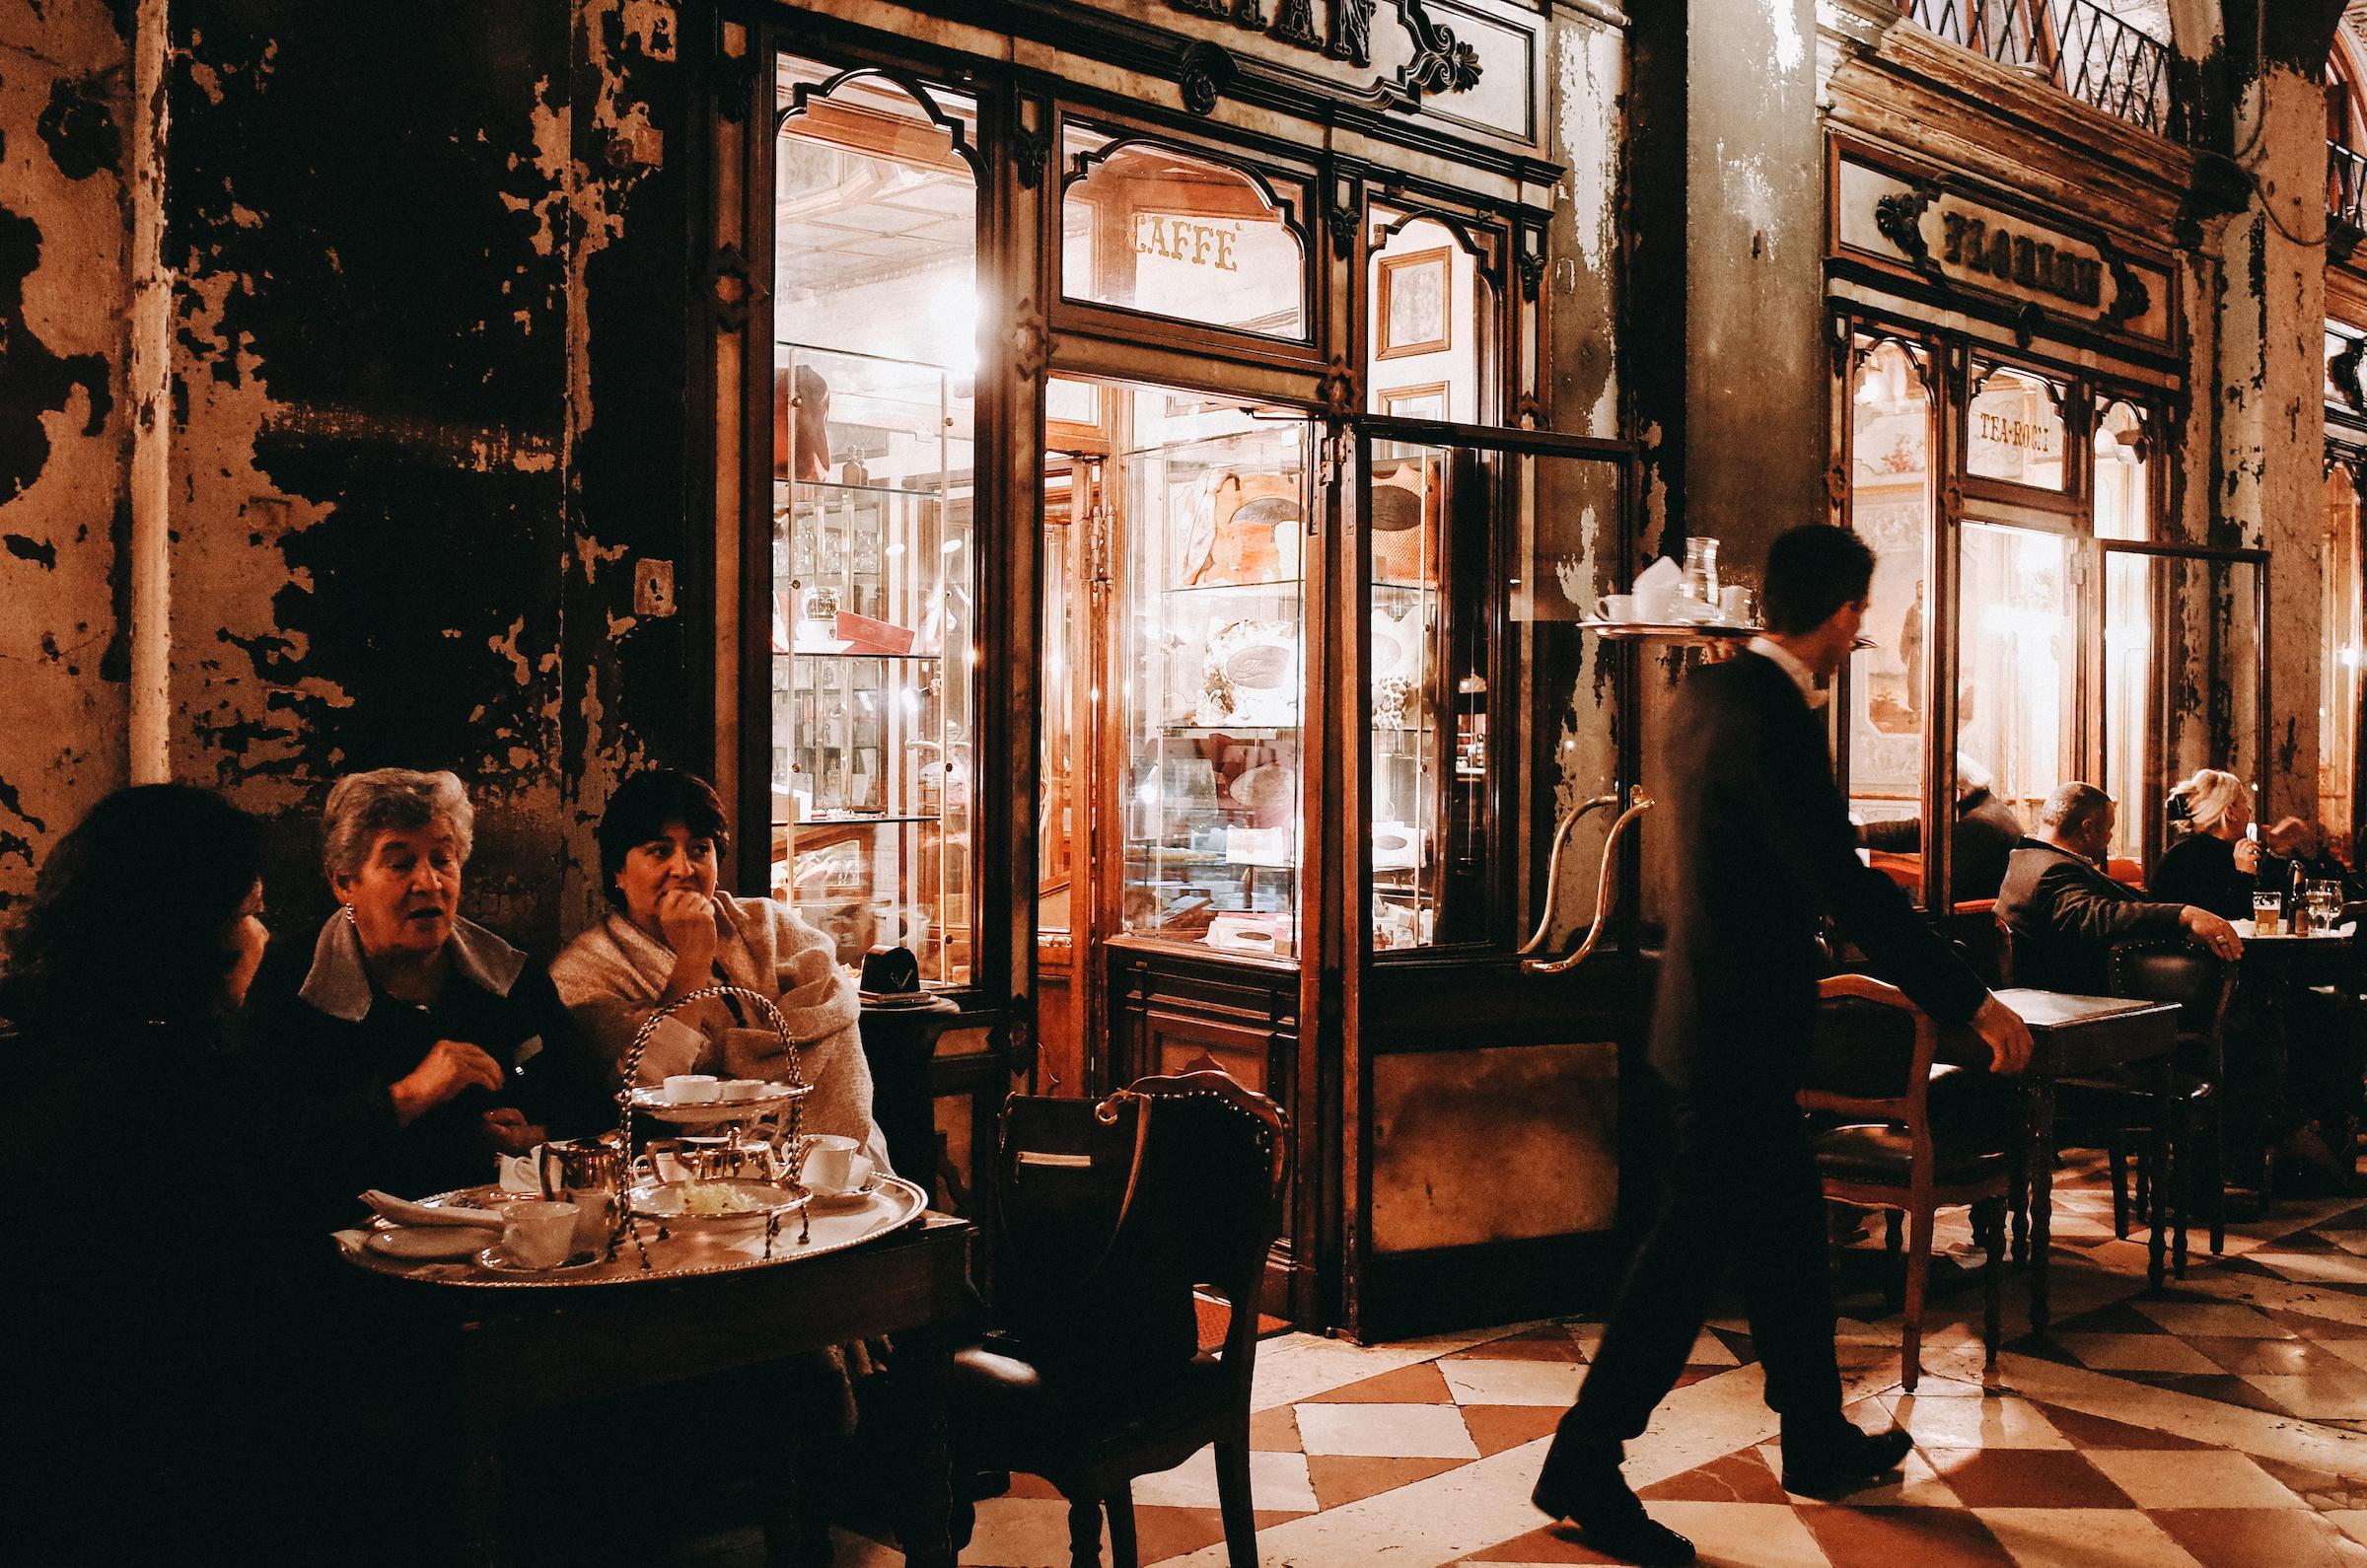 Italy's oldest café faces permanent closure